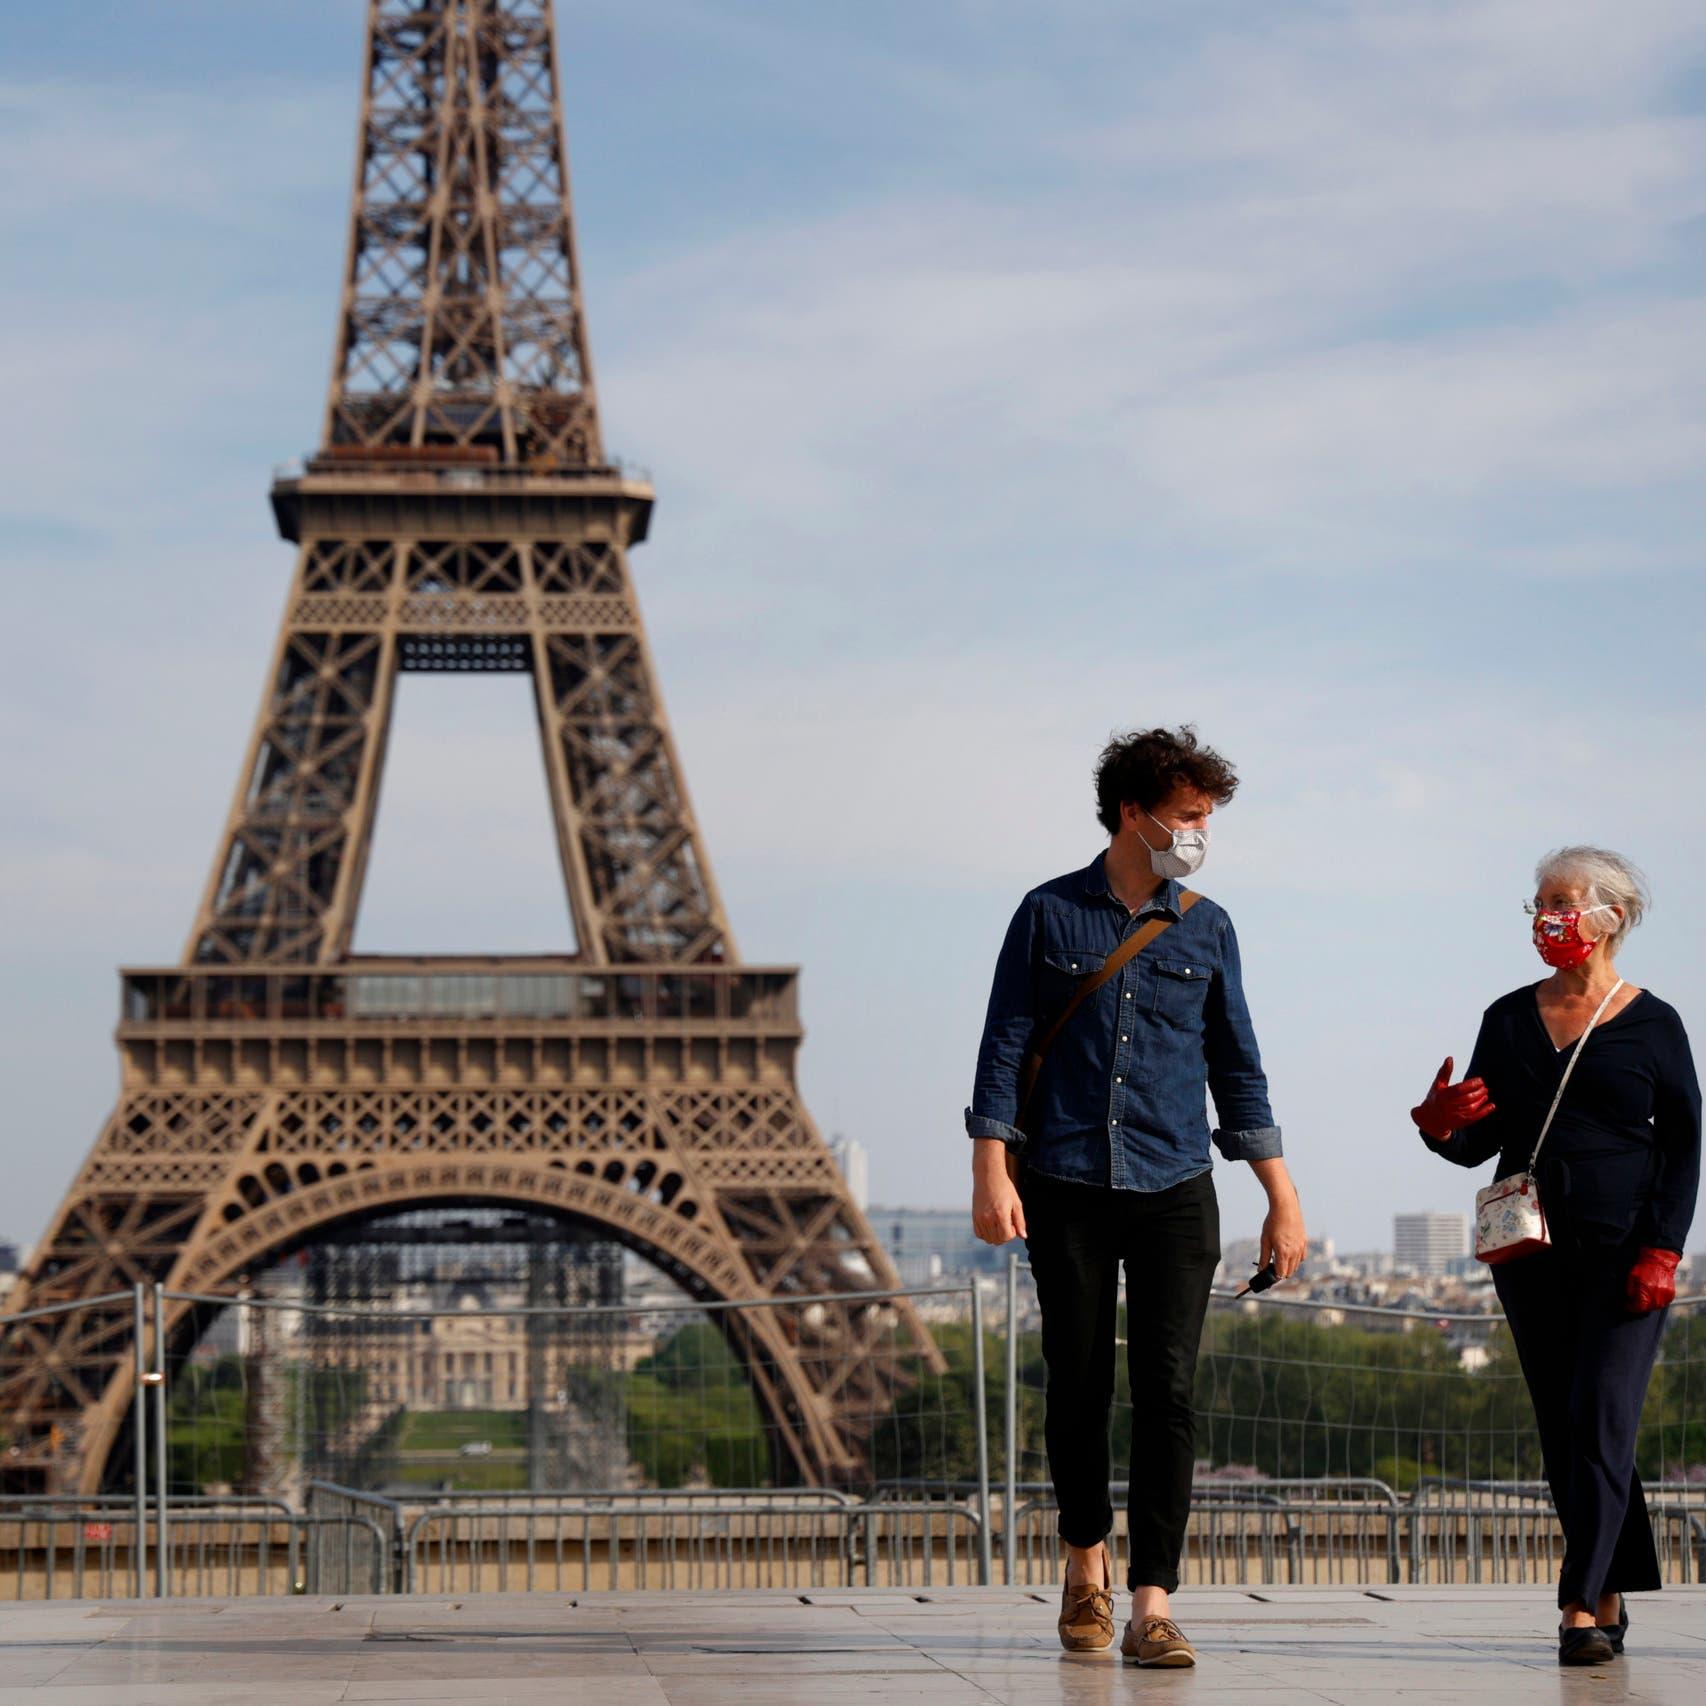 فرنسا: توسيع نطاق حظر التجول ليشمل نحو 46 مليون نسمة